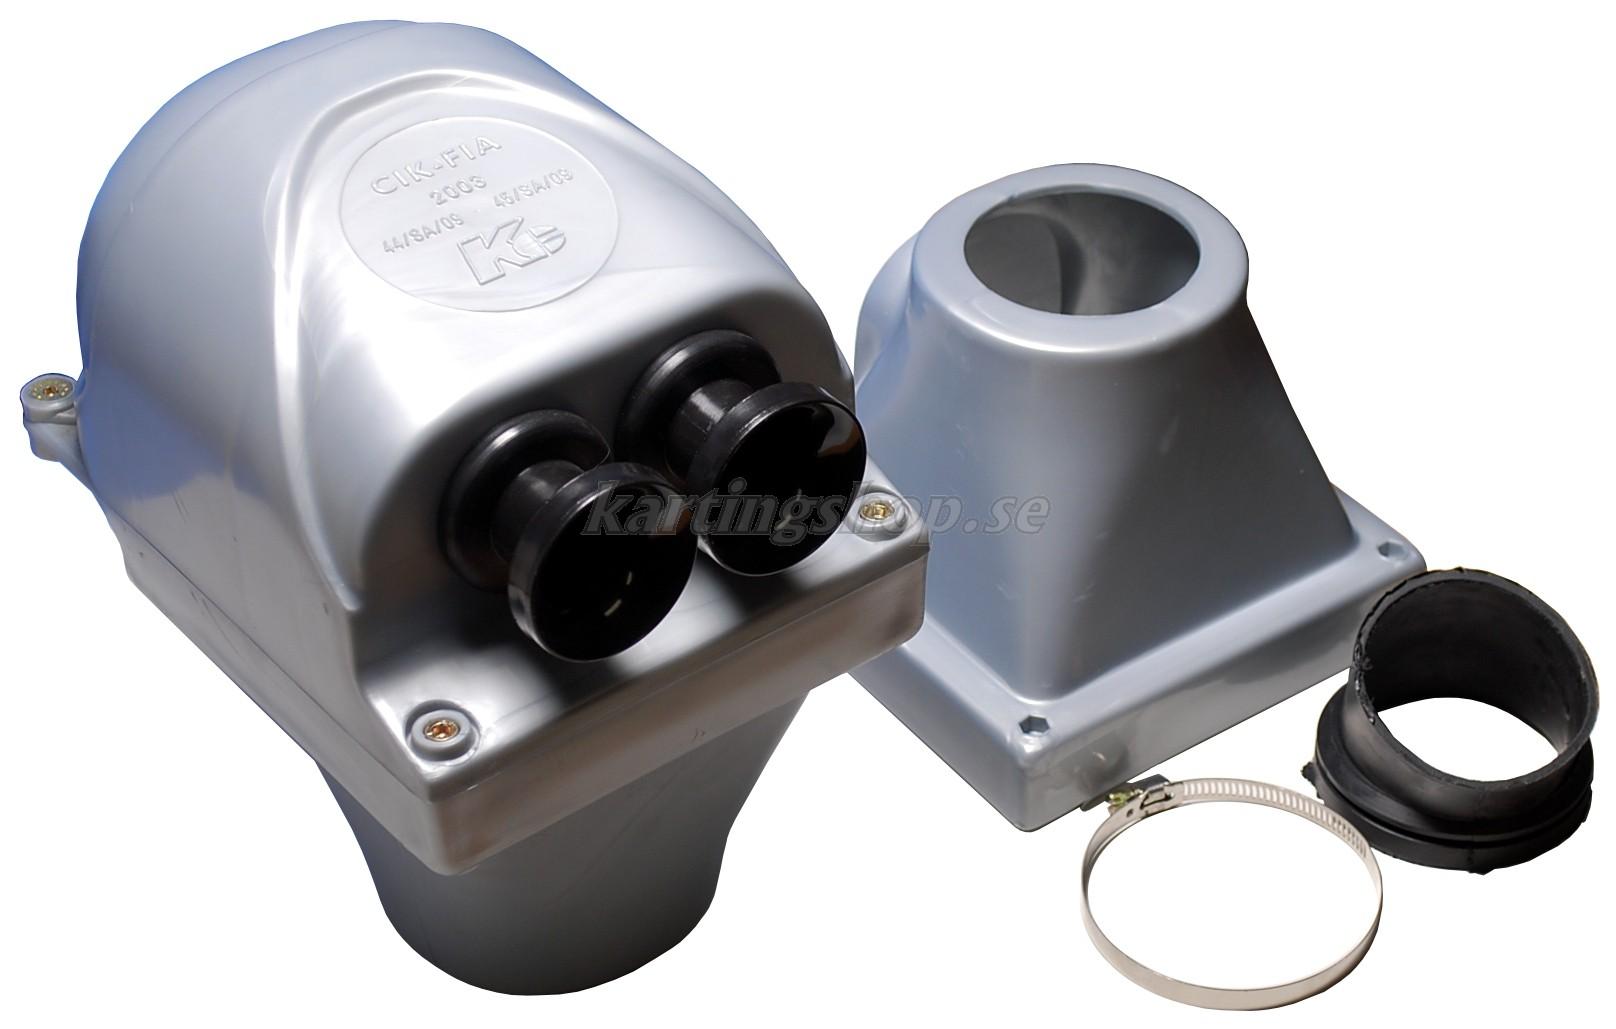 Ljudburk Ø23 mm CIK/18 KG